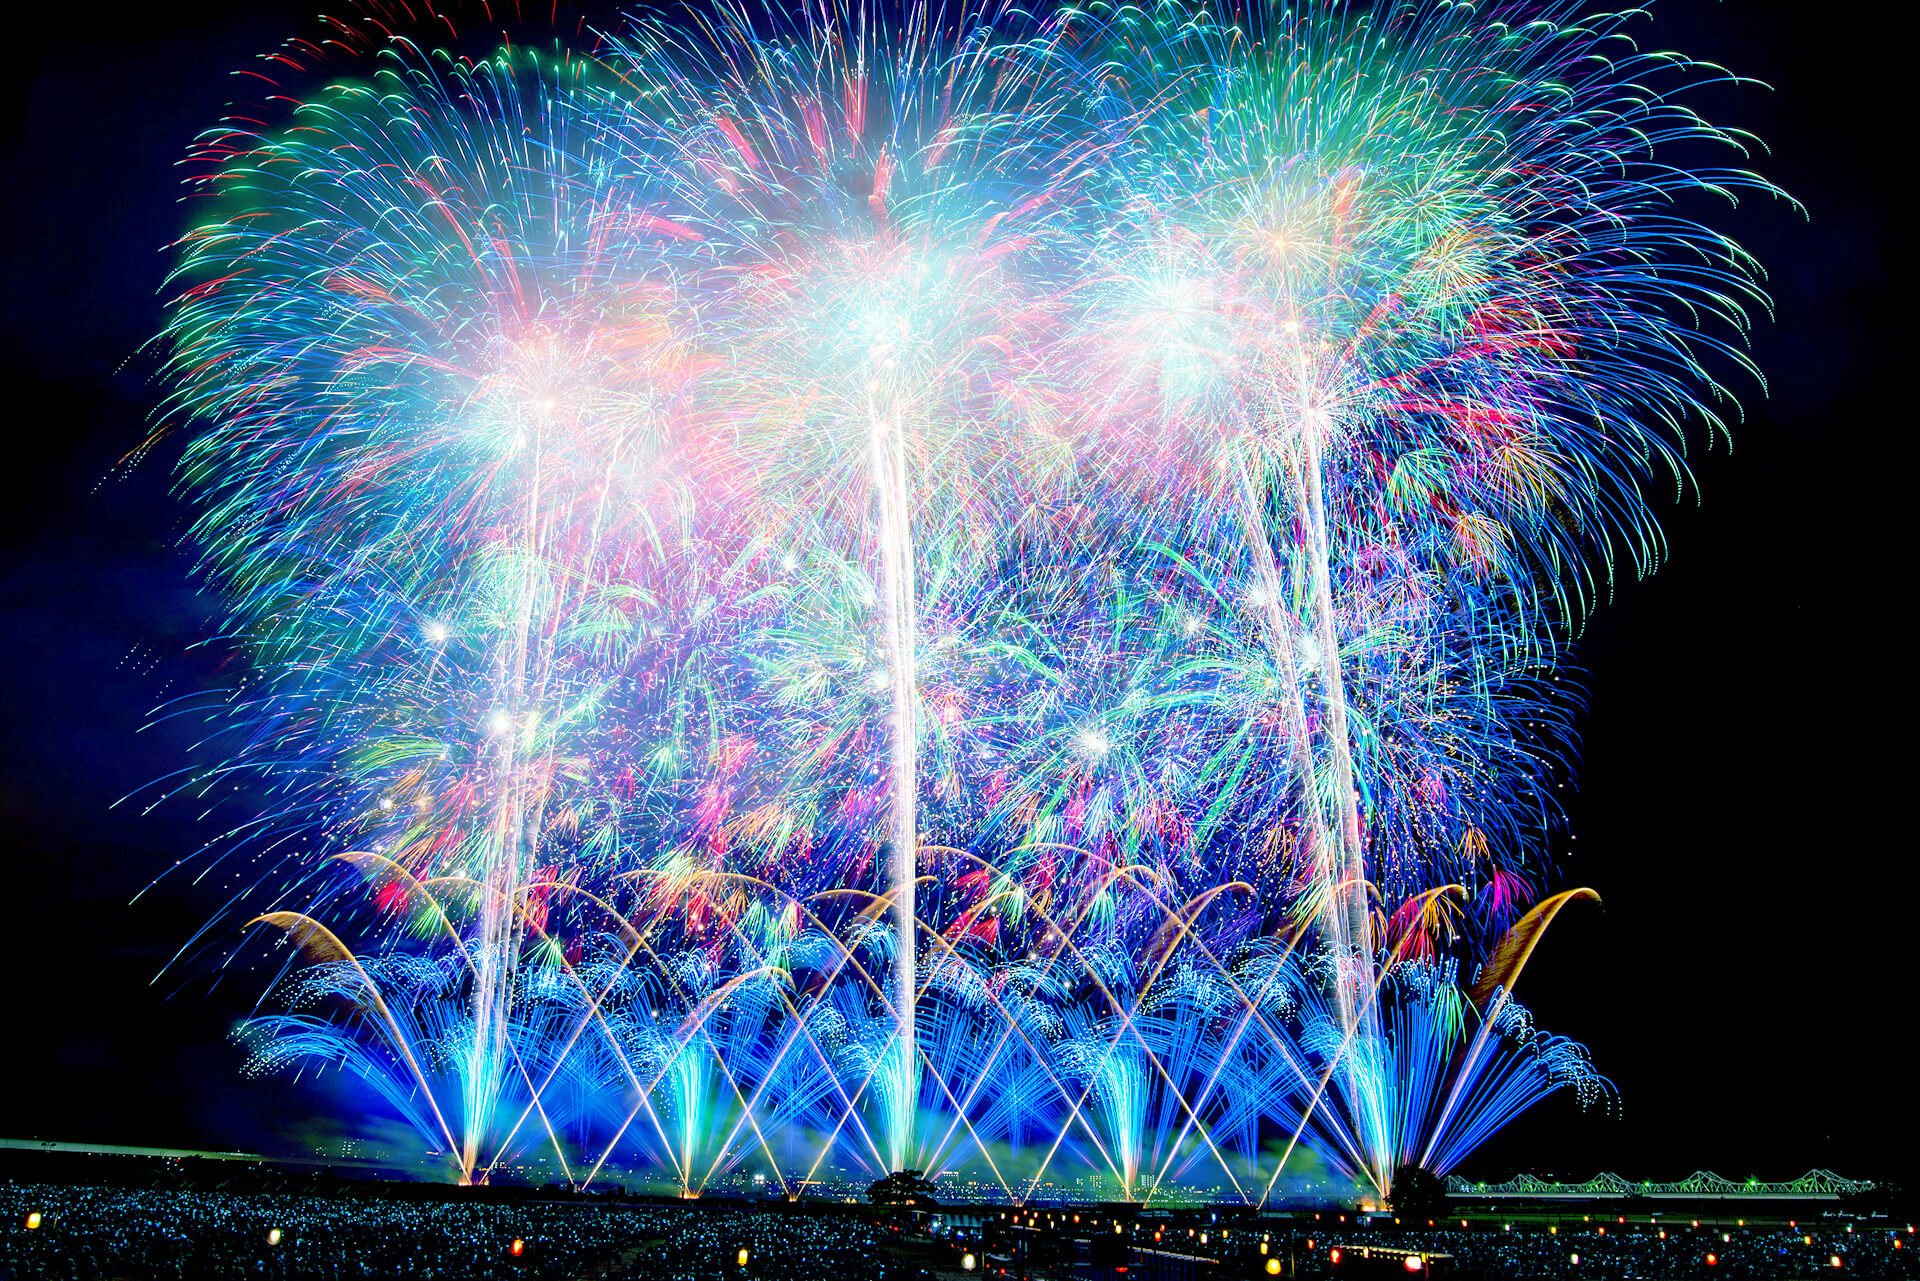 閃光の美しい長岡の花火